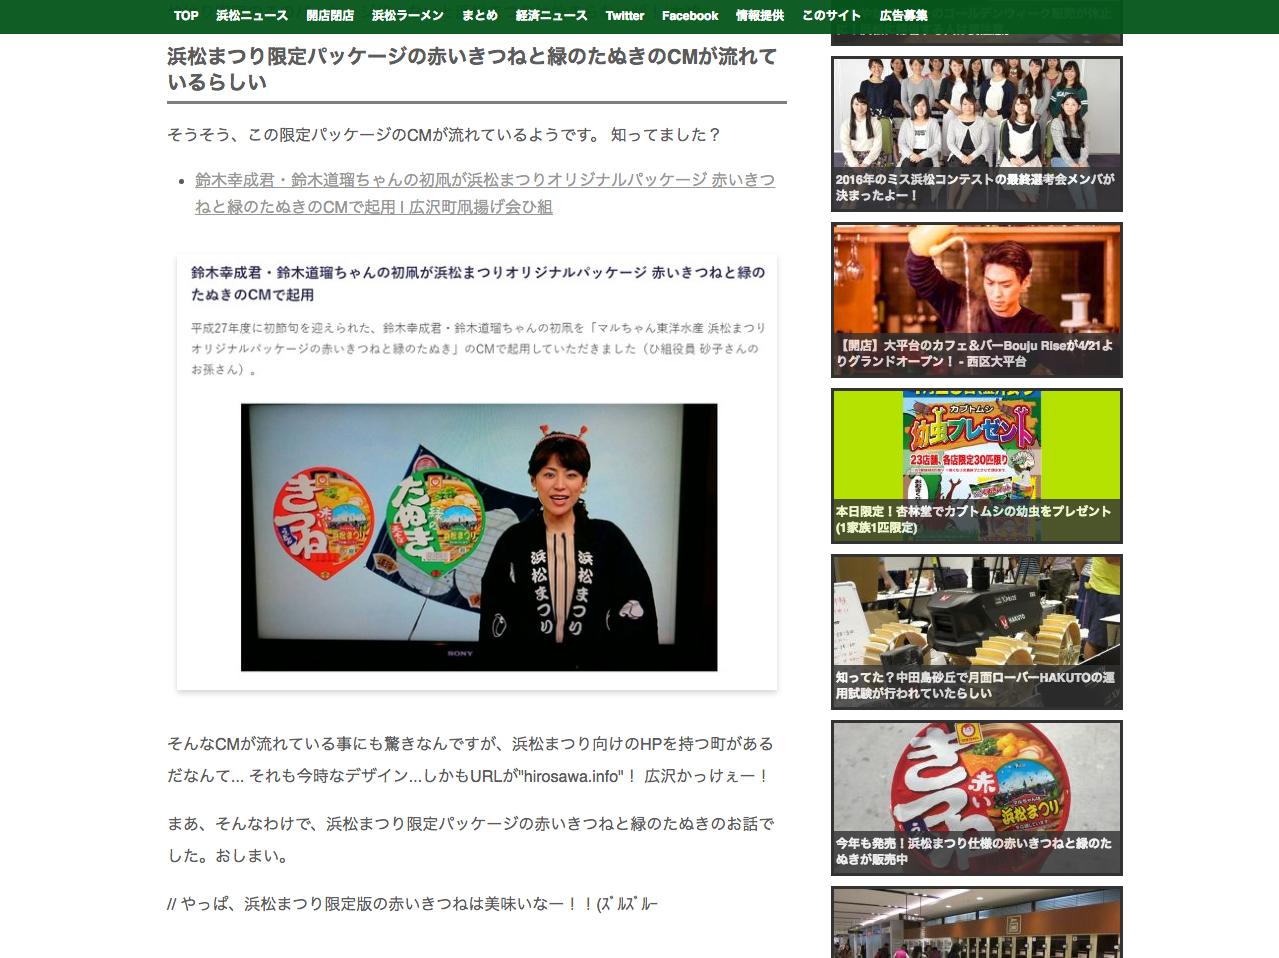 浜松つーしんさんで赤いきつねと緑のたぬき 浜松まつりオリジナルパッケージCMでひ組の初凧が起用された記事をご紹介いただきました